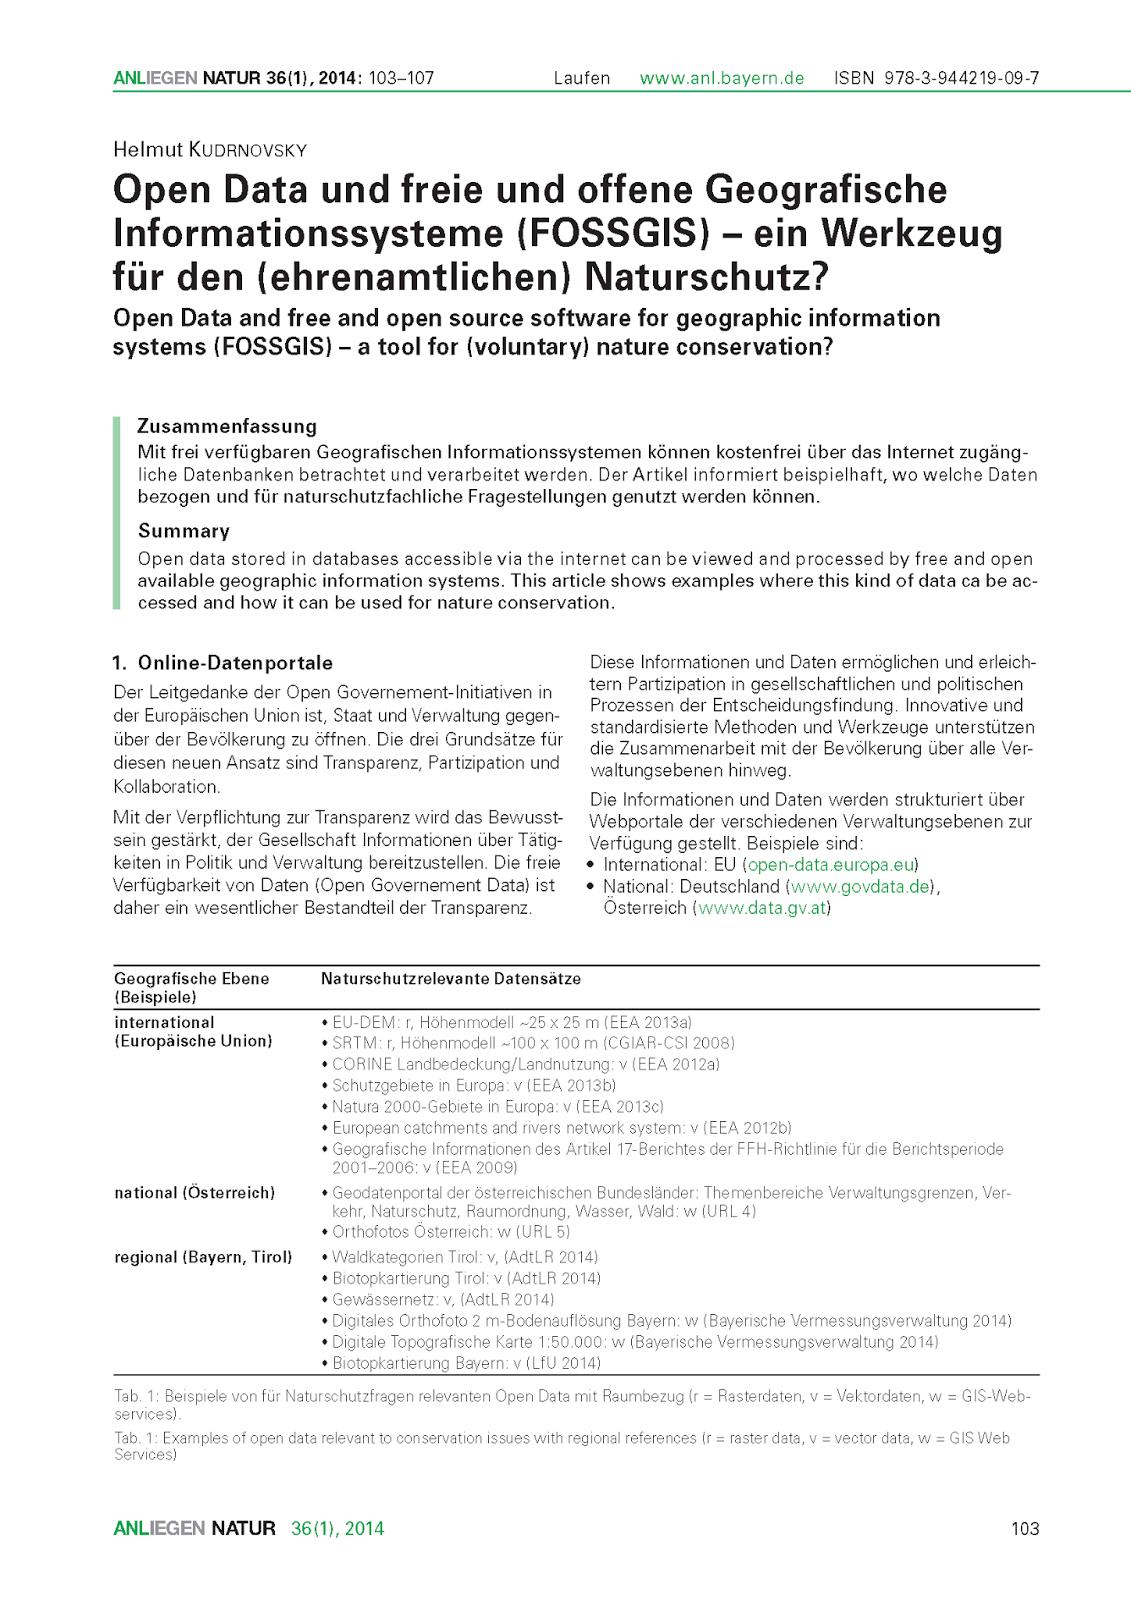 http://www.anl.bayern.de/publikationen/anliegen/doc/an36113kudrnovsky_2014_open_data.pdf